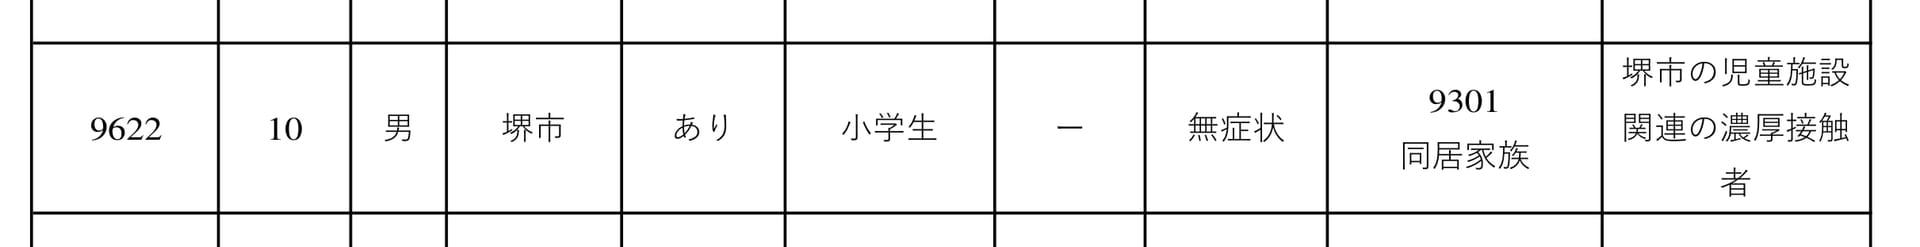 【コロナ・9/14追記】堺市の幼稚園でクラスター発生で24人感染、検査は一部園児のみ?